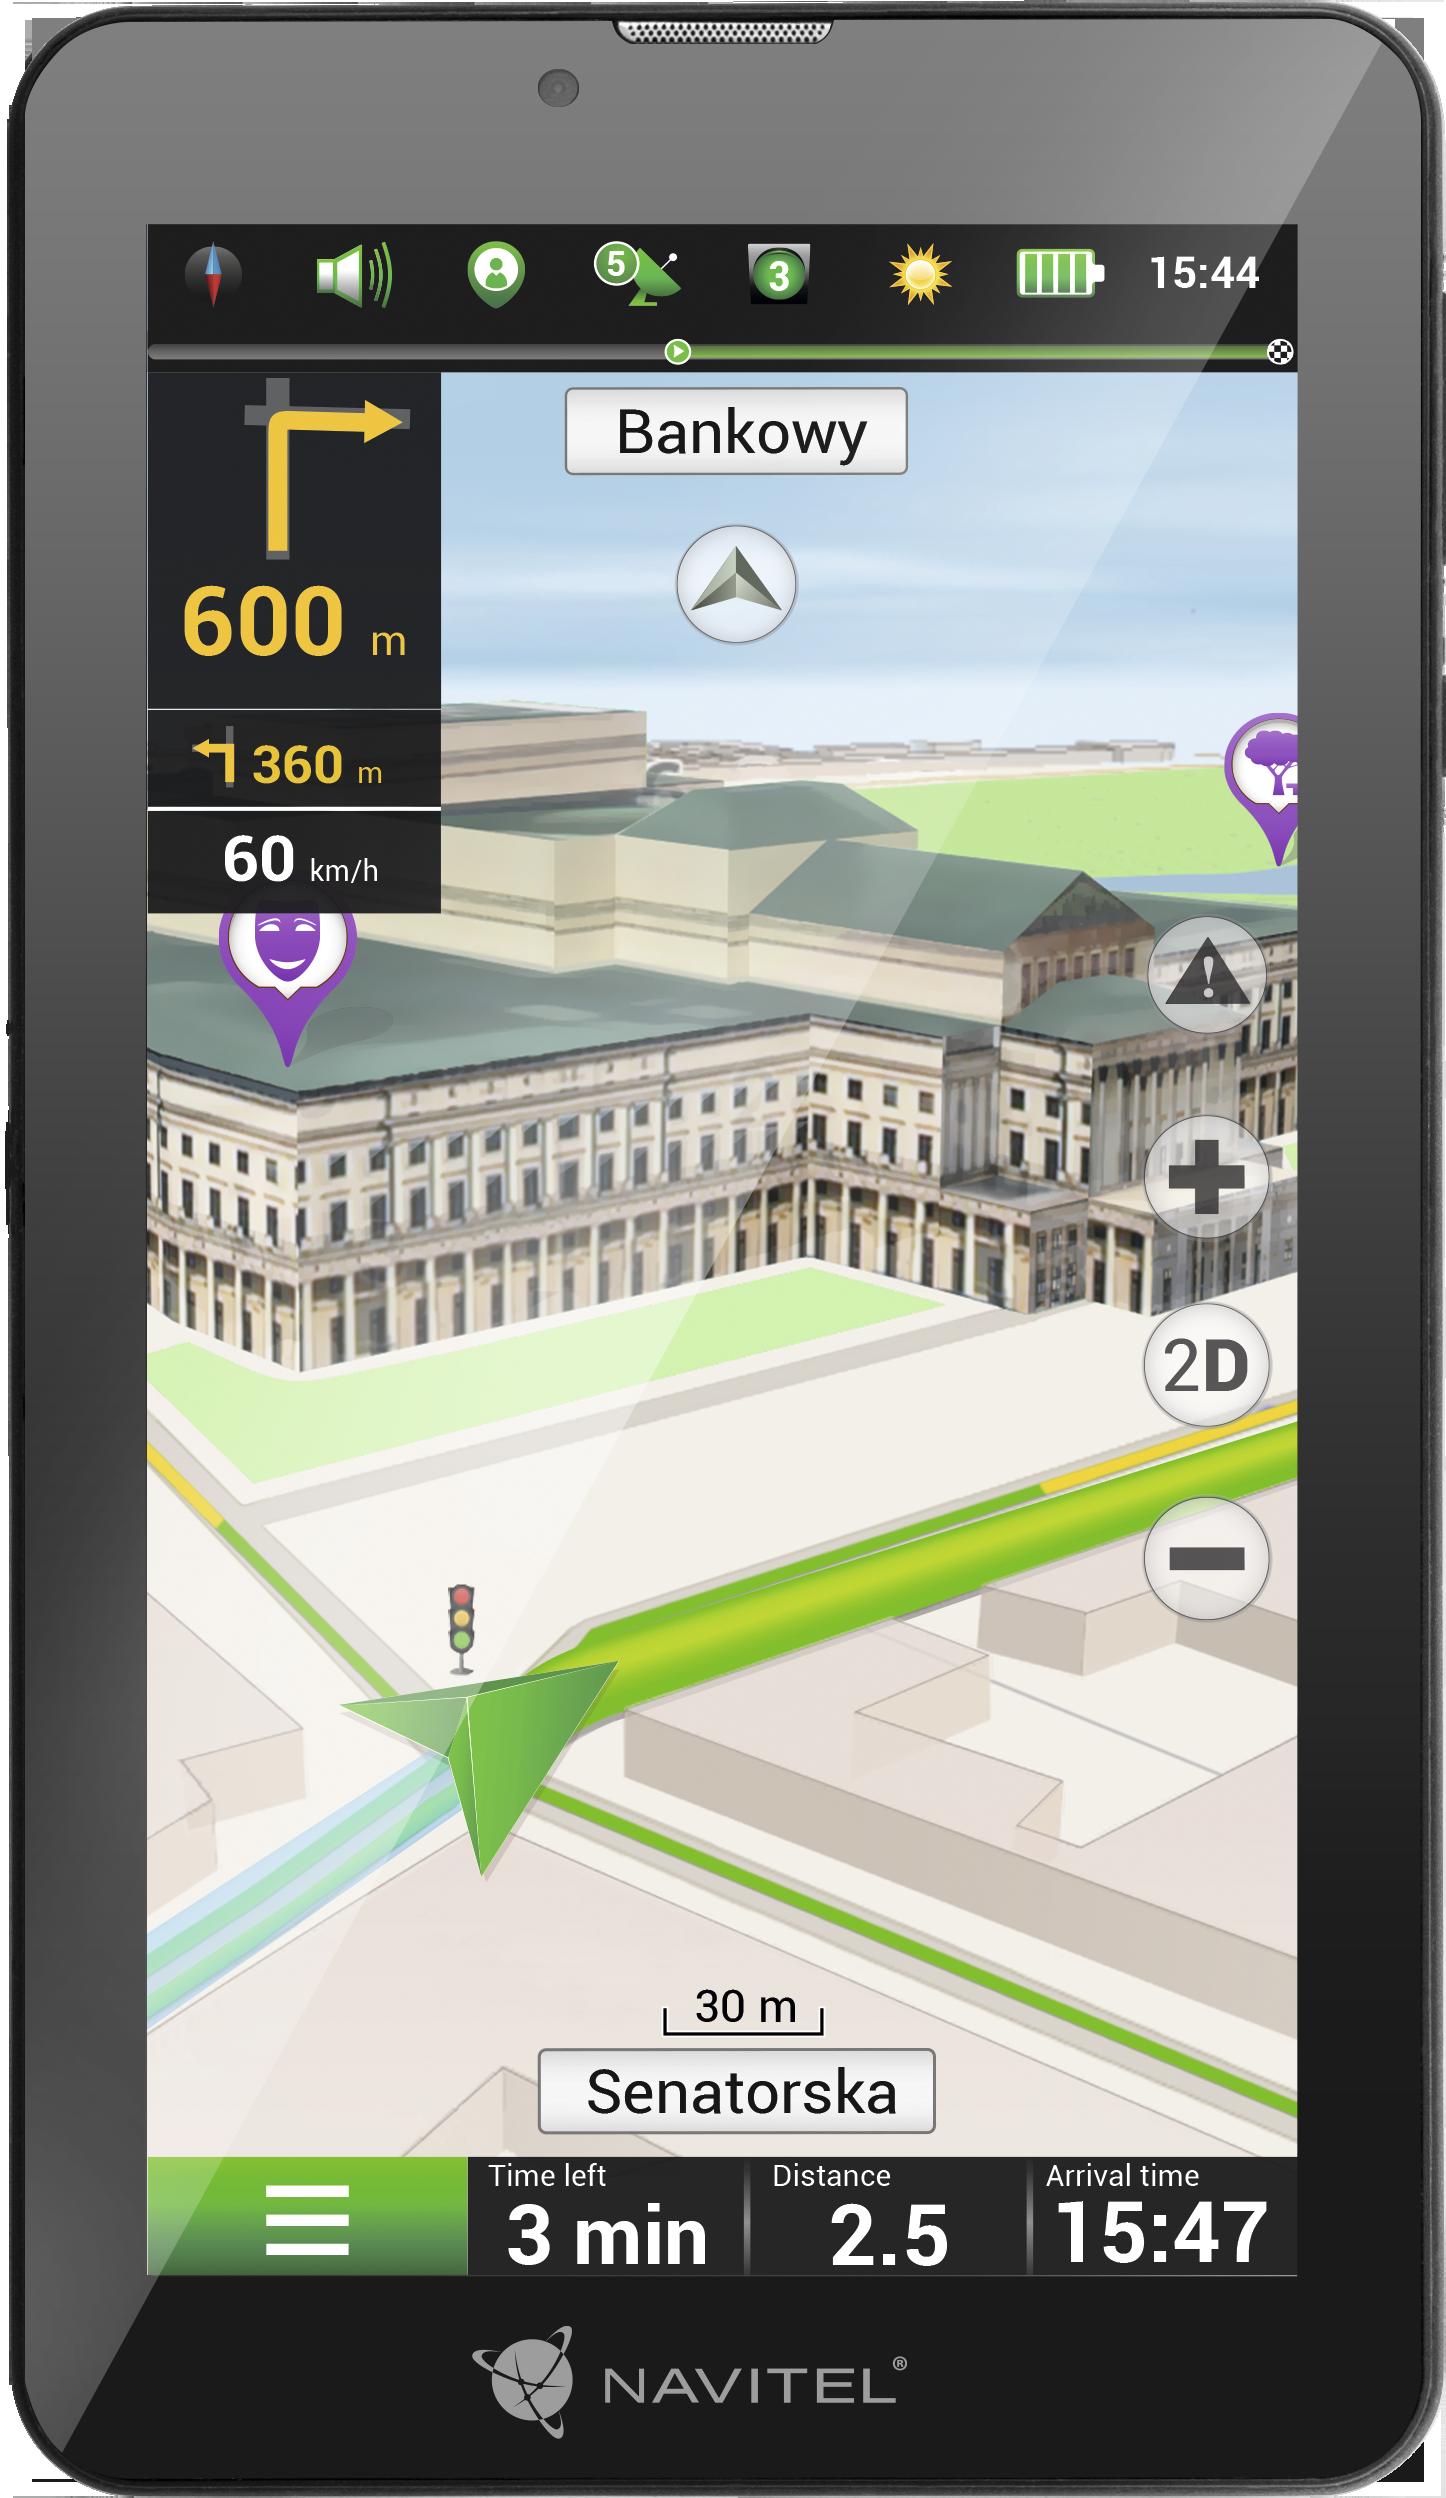 NAVT7003GP NAVITEL Bluetooth: Ano, Android 8.1 GO, 2G/3G Navigační systém NAVT7003GP kupte si levně